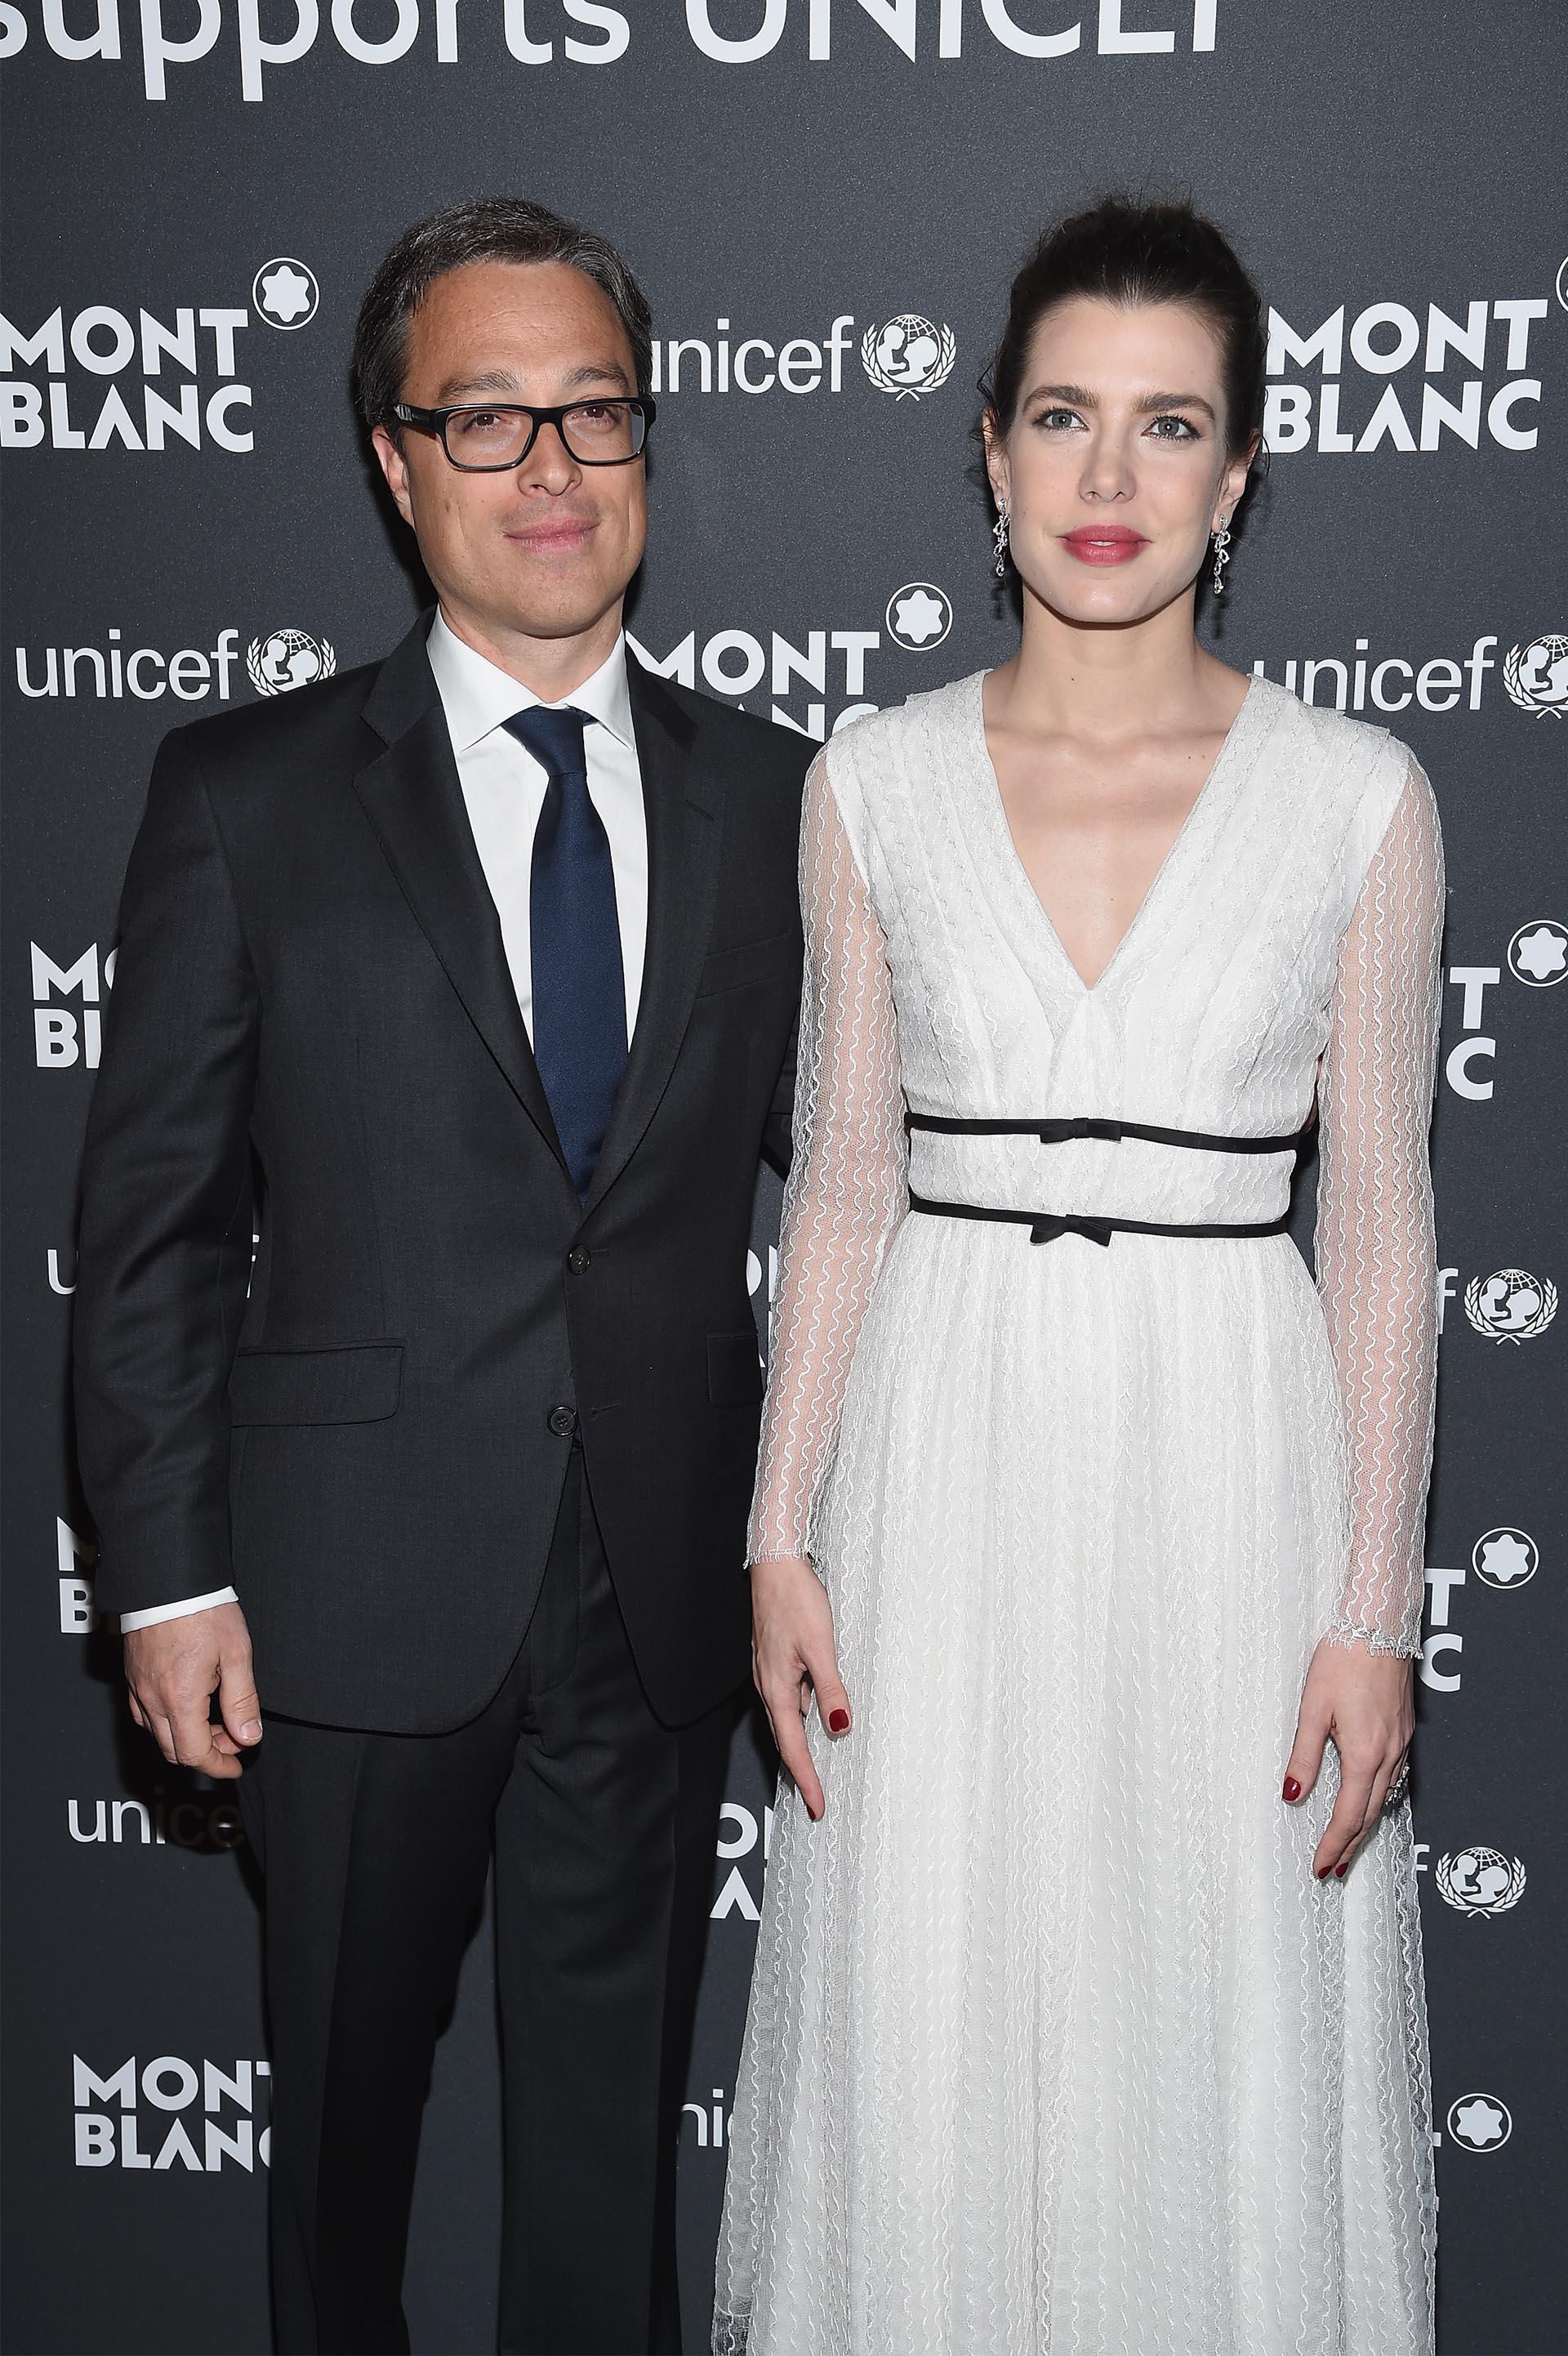 Nicolas Baretzi, CEO de Montblanc, recibió a la sobrina del Soberano de Mónaco